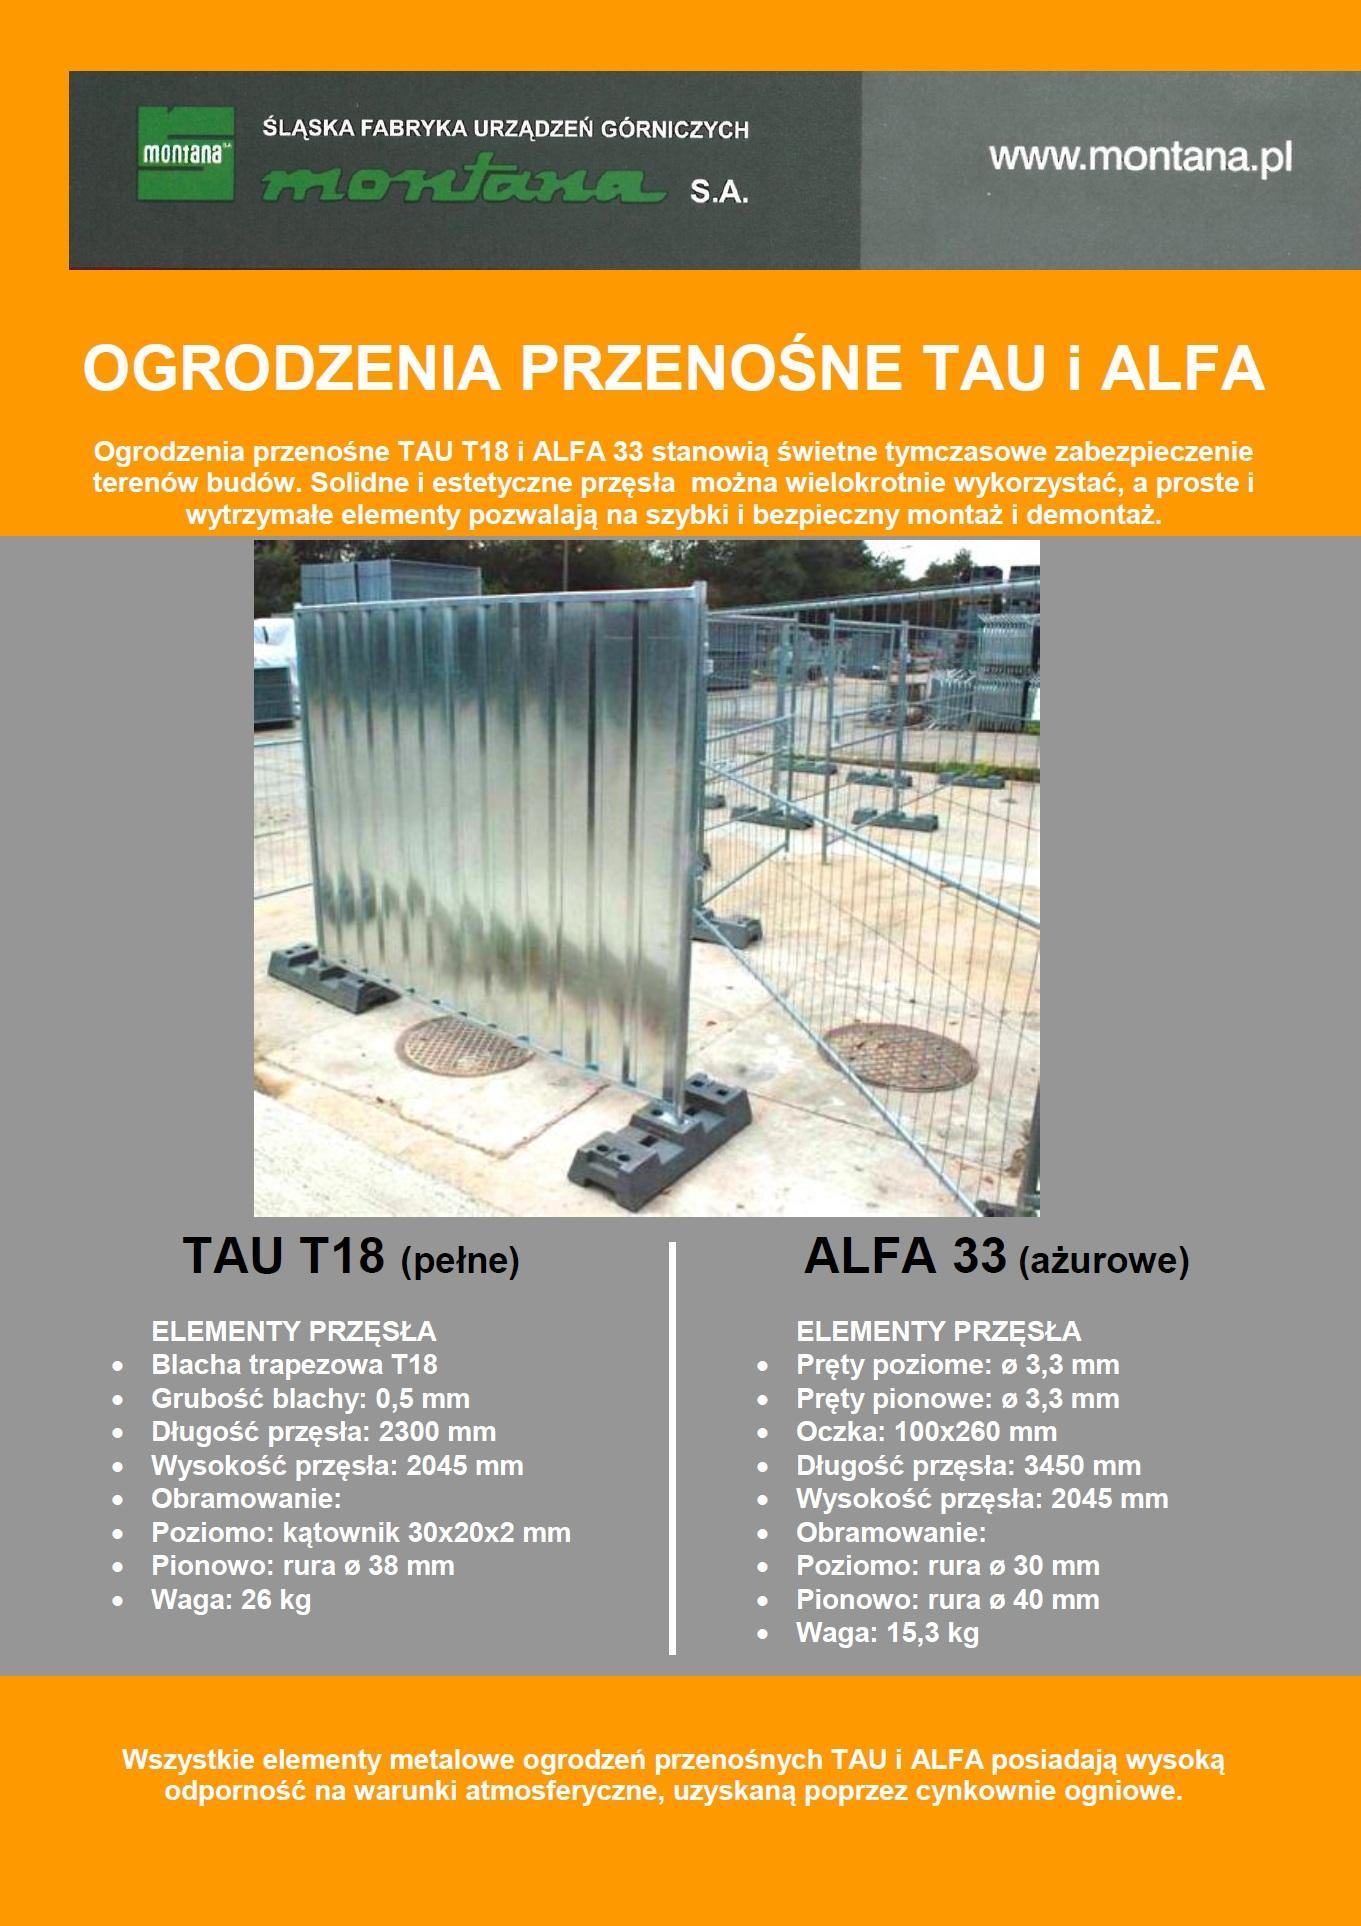 Przęsła TAU T18 oraz ALFA 33